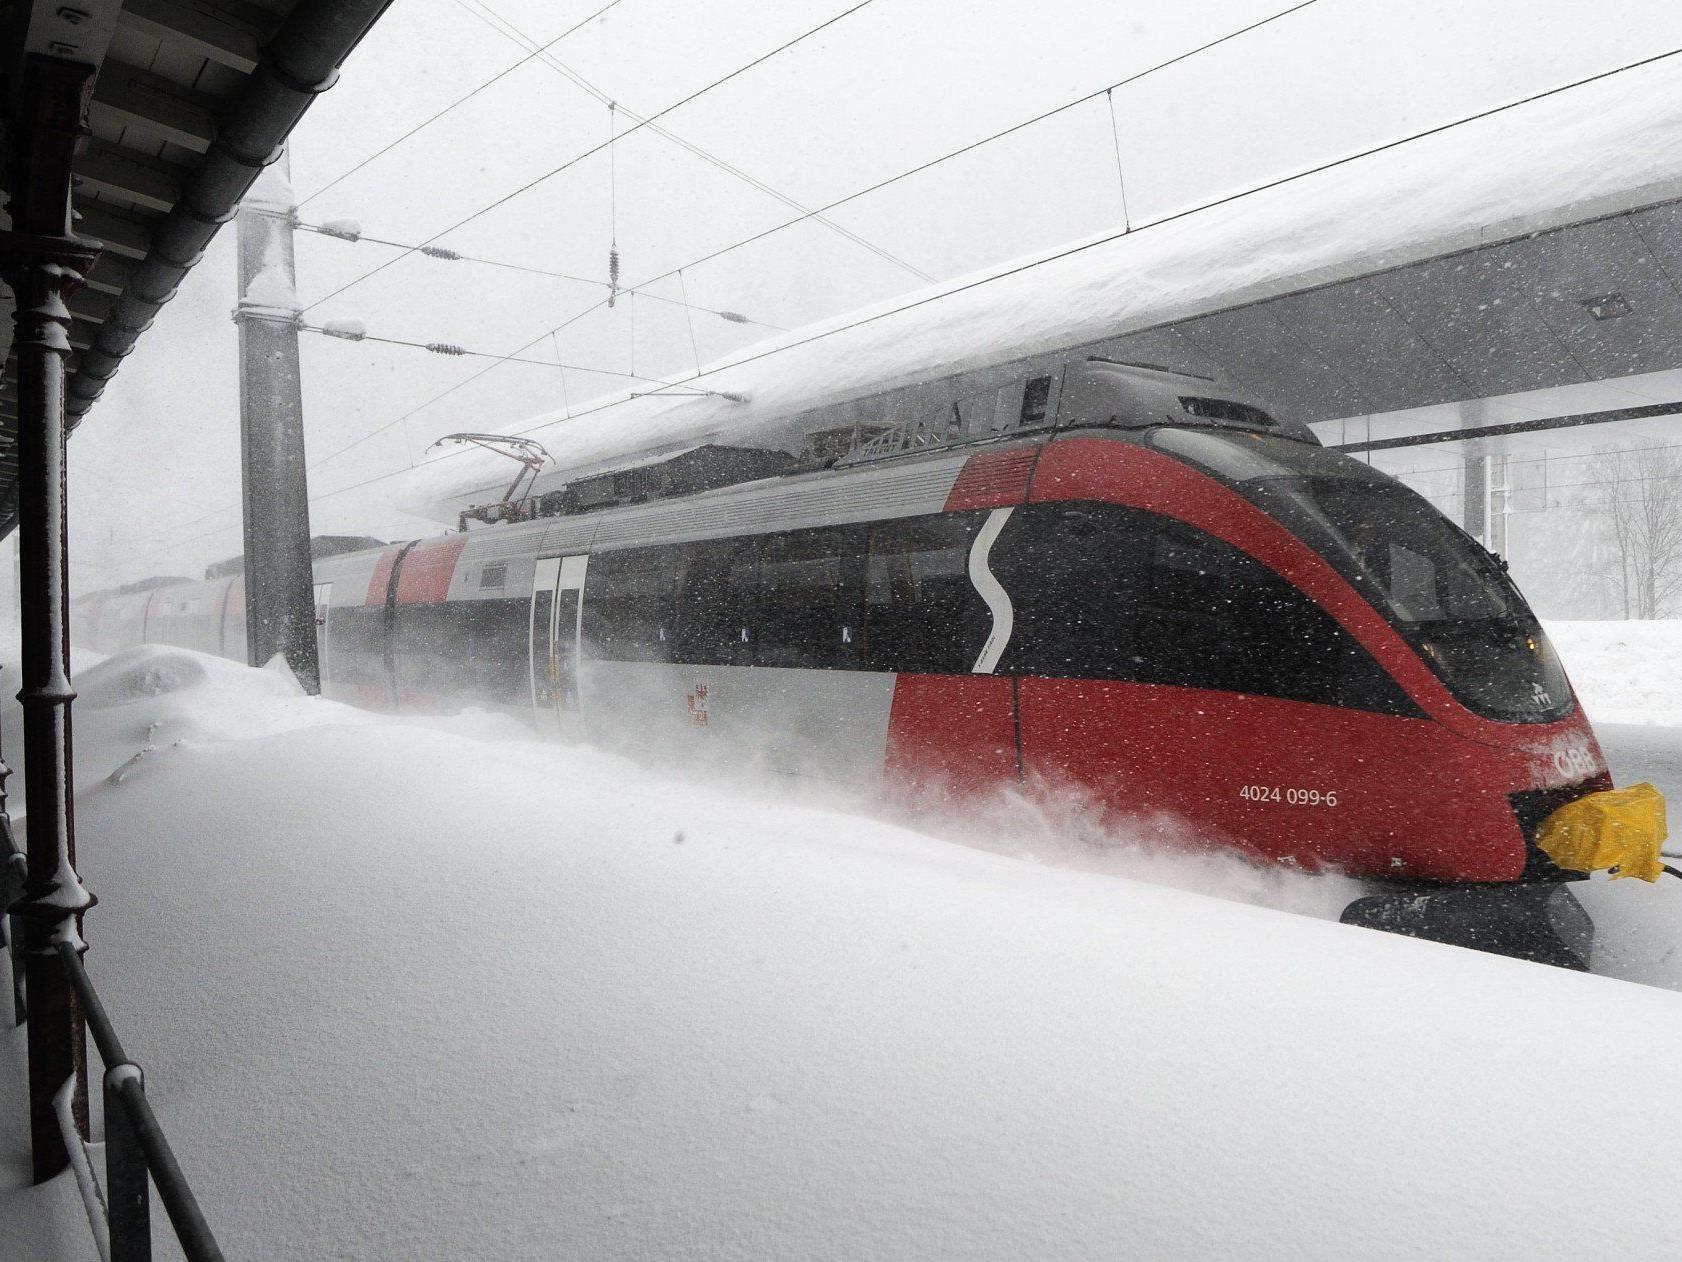 Winterwetter - Adriatief brachte Süden Probleme mit Strom und Verkehr